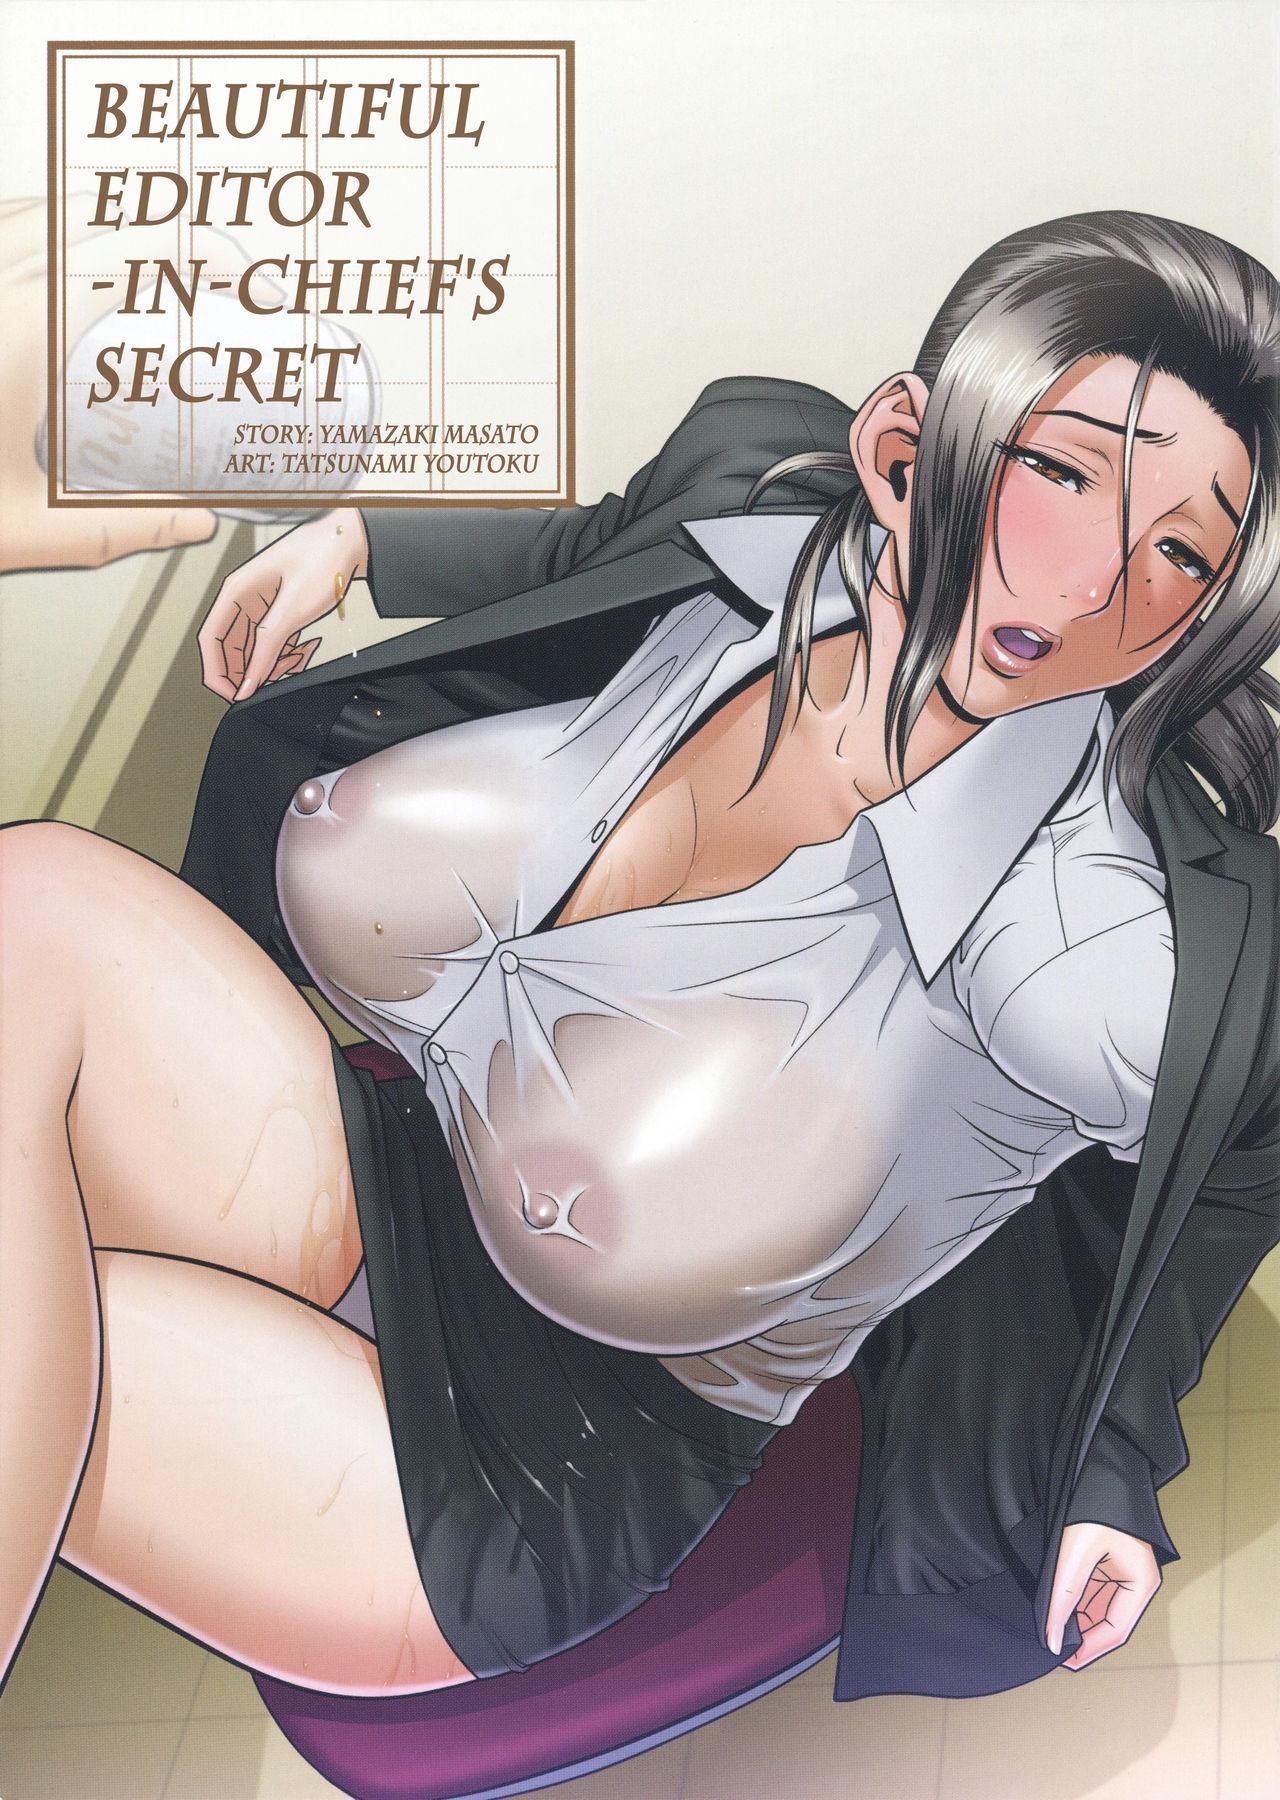 [Tatsunami Youtoku, Yamazaki Masato] Bijin Henshuu-chou no Himitsu | Beautiful Editor-in-Chief's Secret Ch. 1-7 [English] [Forbiddenfetish77, Red Vodka, Crystalium, CEDR777] [Decensored] 2